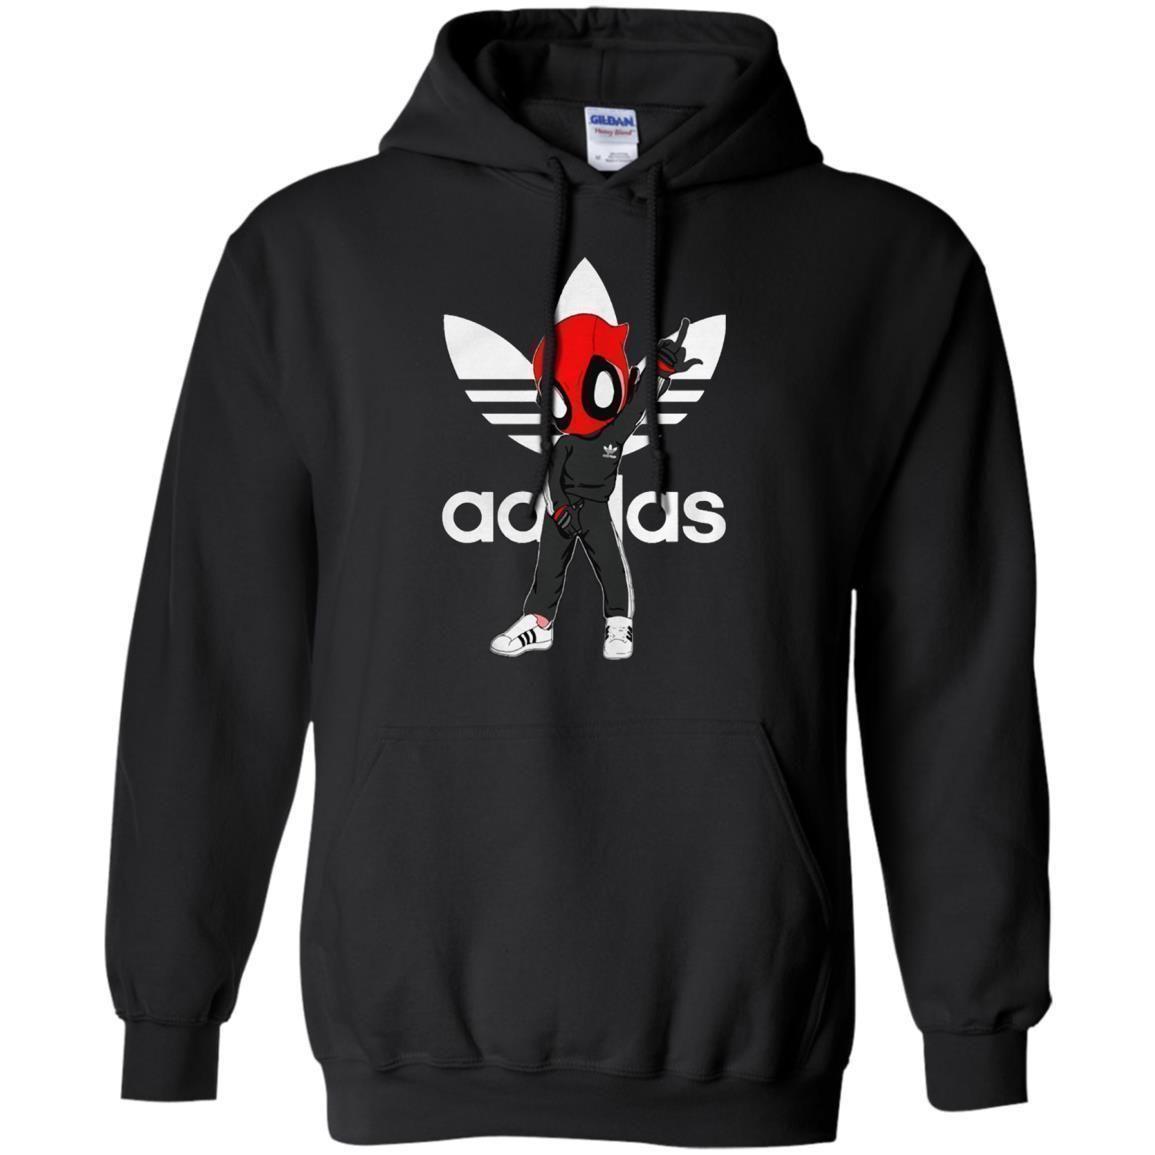 buena reputación último diseño precio al por mayor Deadpool Adidas Hoodie - Shipping Worldwide - NINONINE | Ropa ...